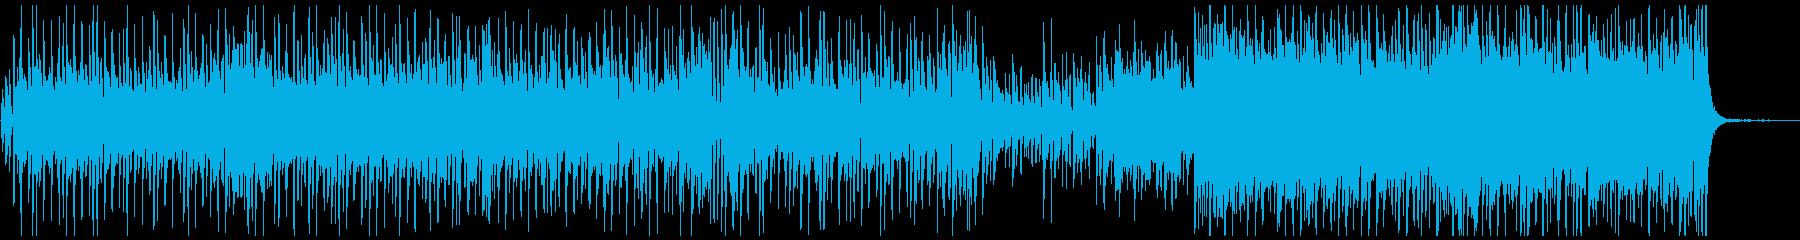 ほのぼのピアノメロ曲の再生済みの波形